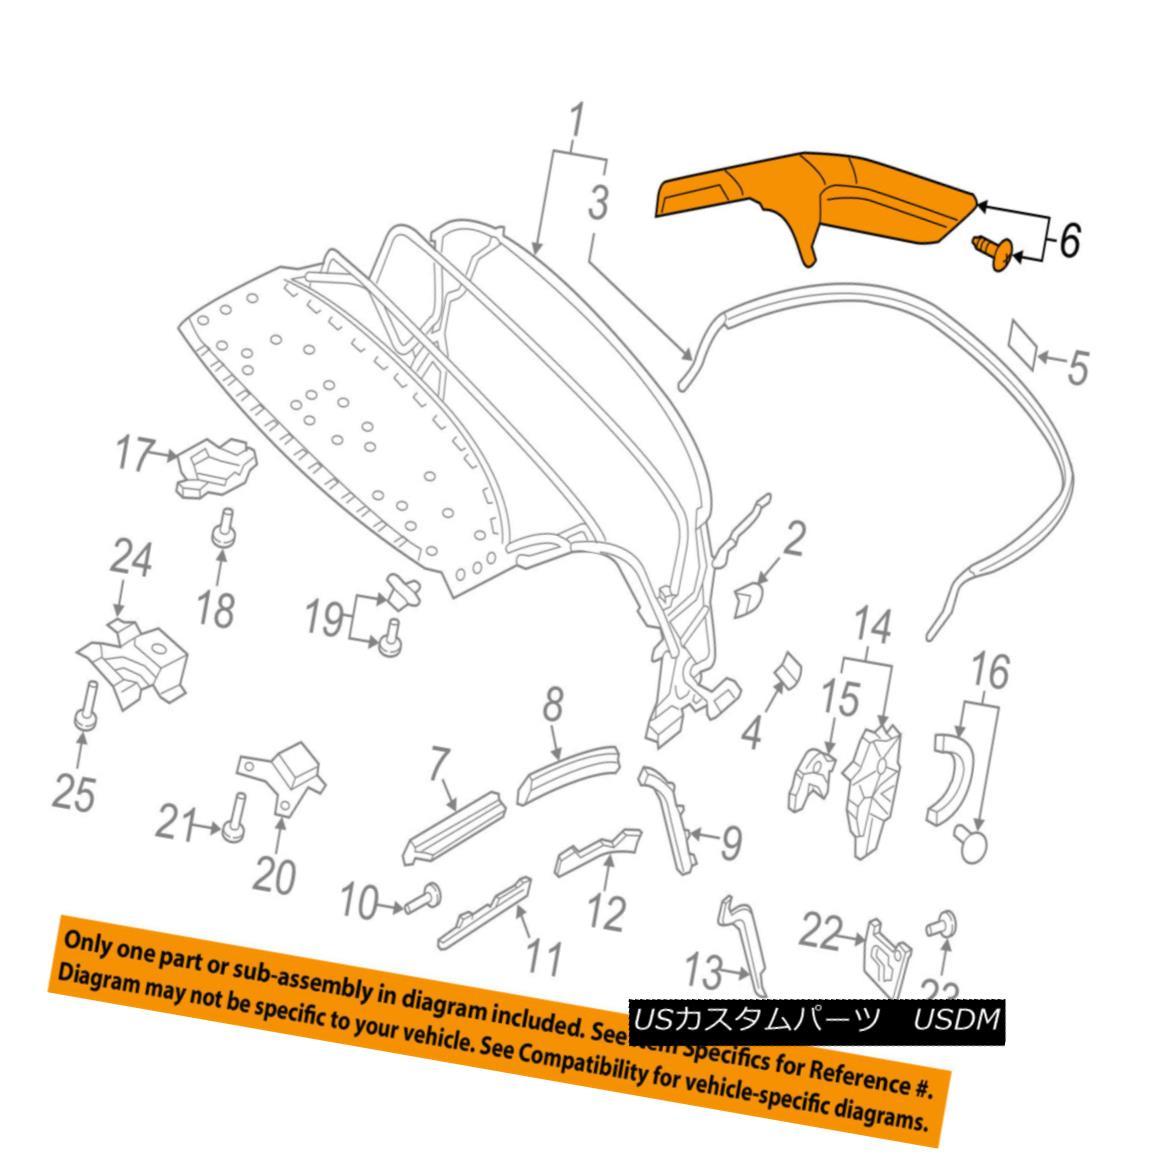 幌・ソフトトップ AUDI OEM 16-17 TT Quattro Convertible/soft Top-Mount Strap 8S7898241 AUDI OEM 16-17 TT Quattro Convertible / so ftトップマウントストラップ8S7898241